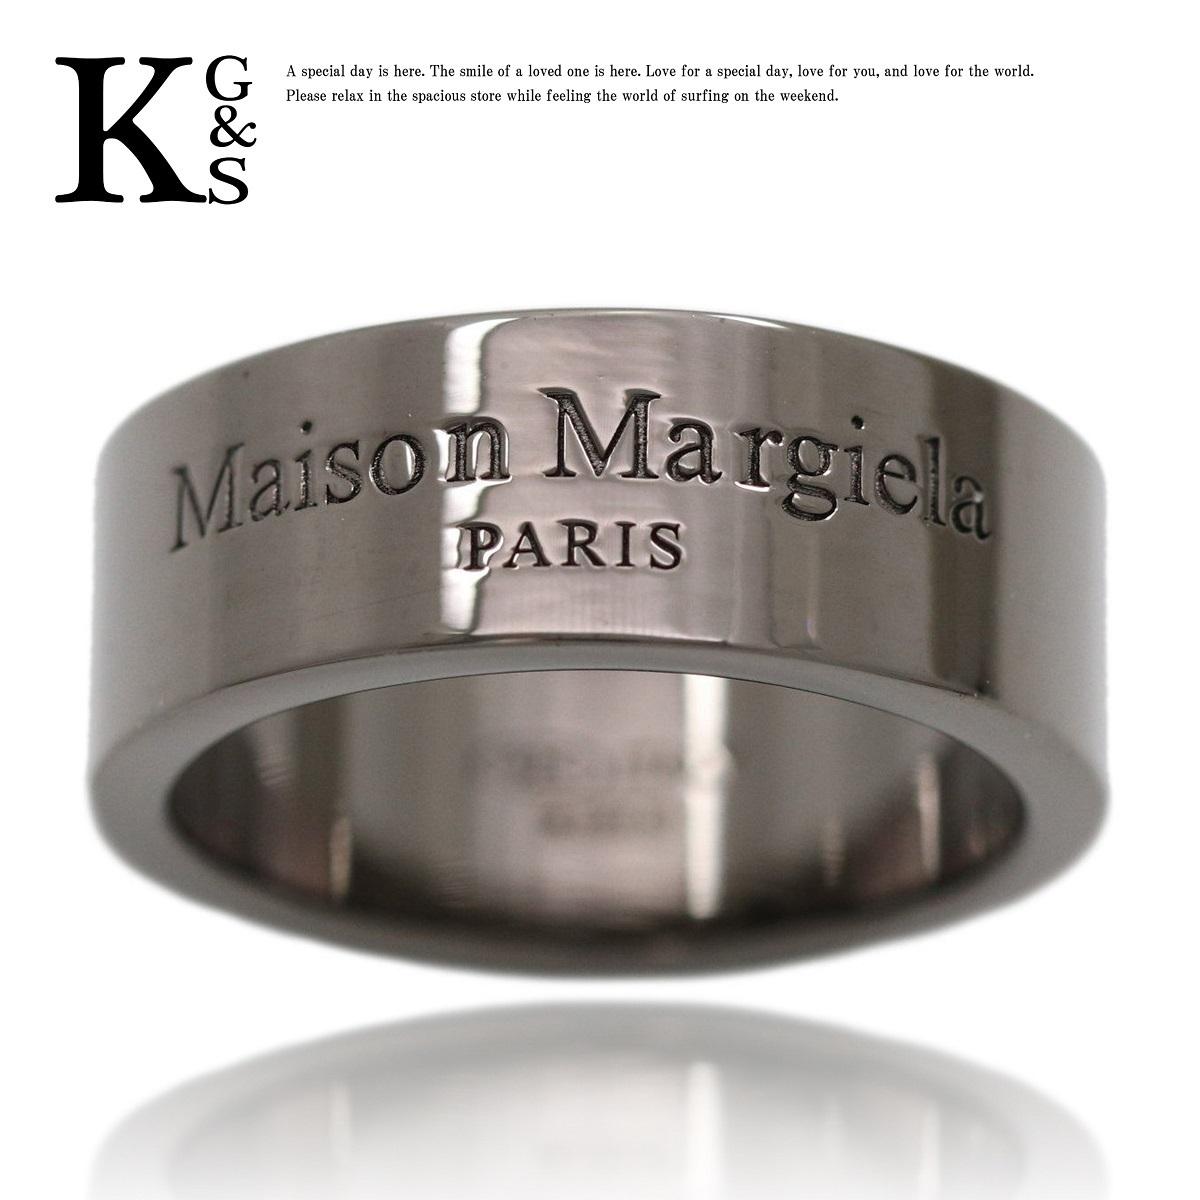 メゾン マルジェラ(Maison Margiela) シルバー925 カジュアル バンドリング ブラック ブラックメッキ